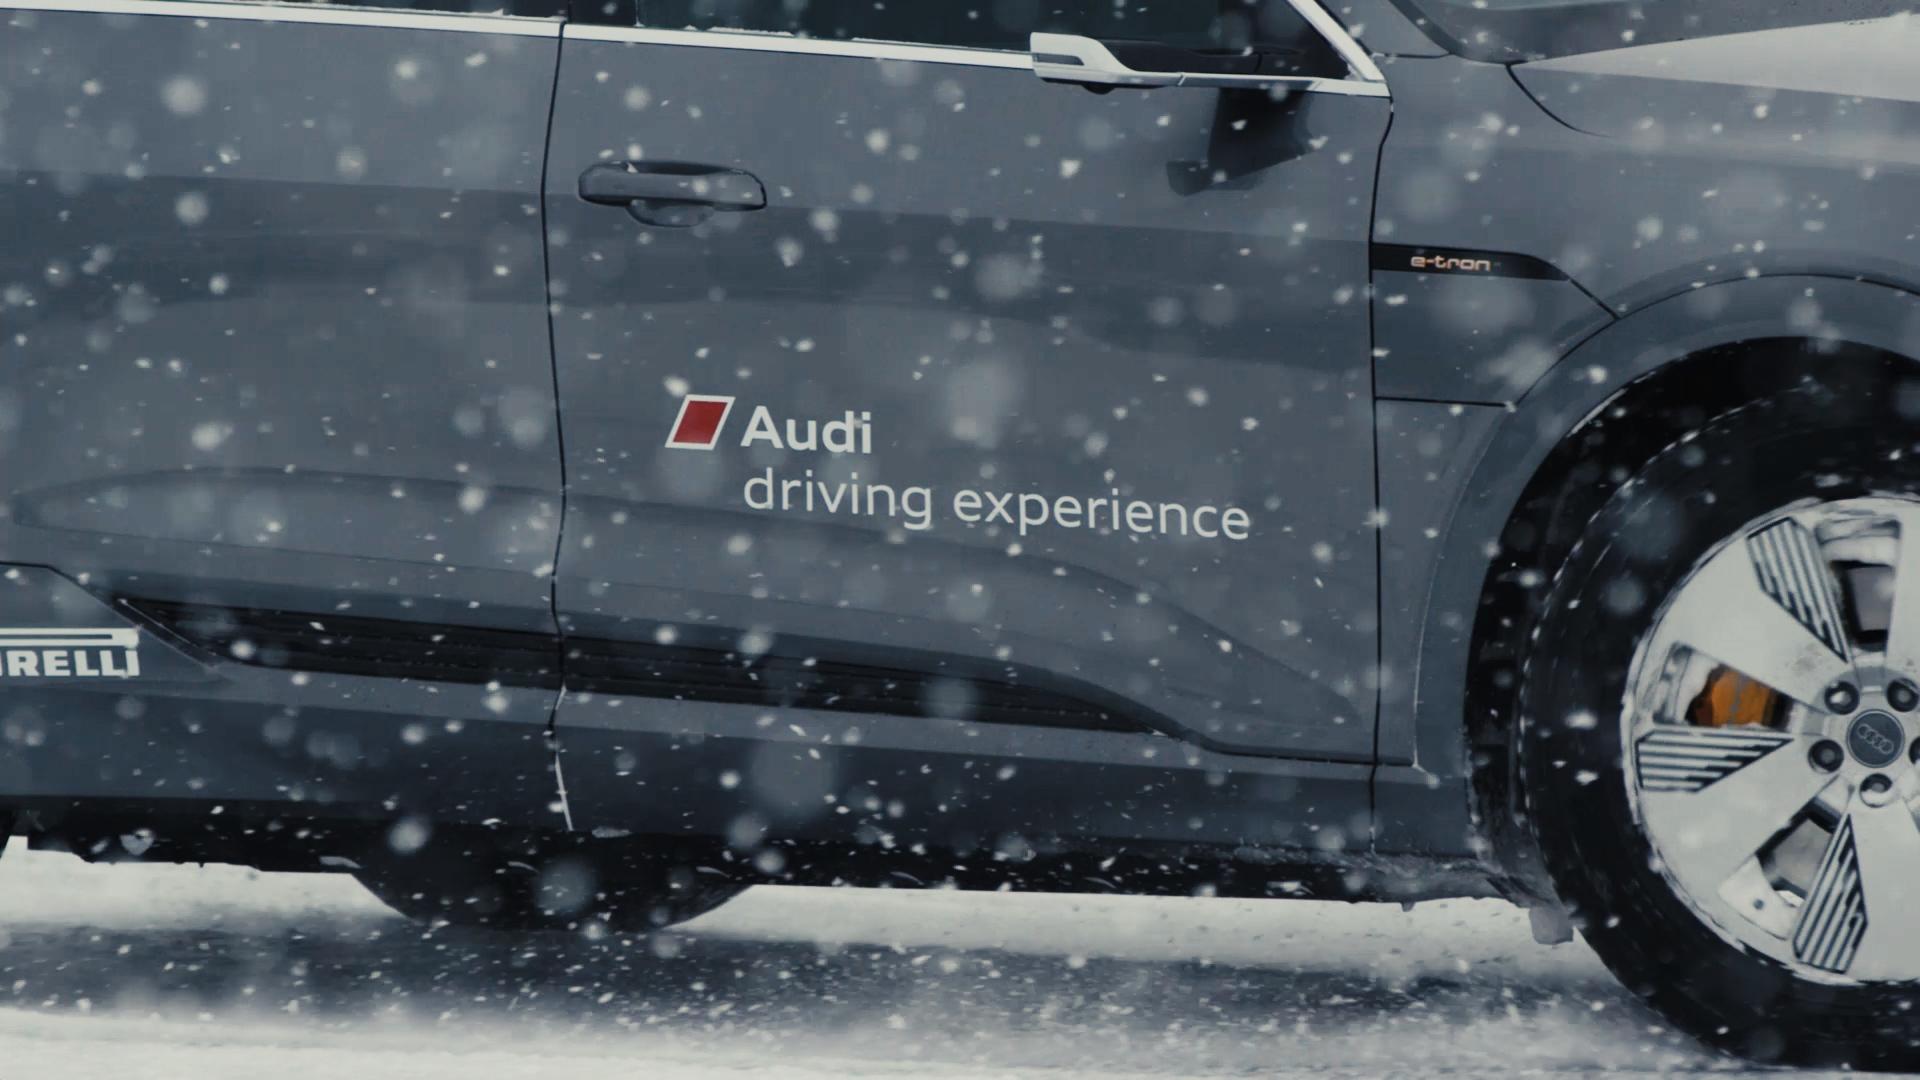 Audi e-tron auf Schnee und Eis: Audi driving experience in Schweden